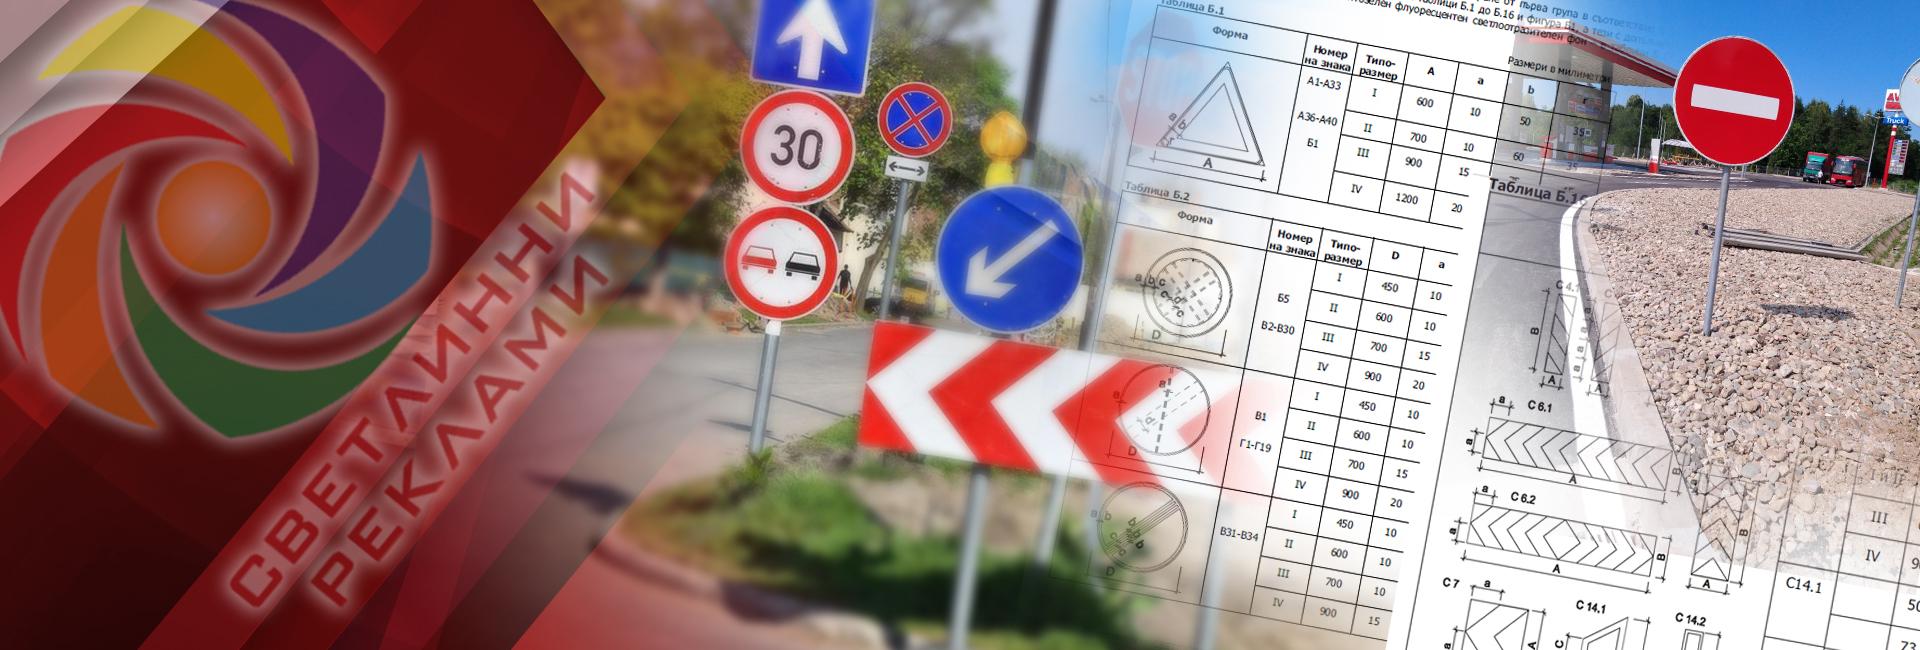 изработка на пътни знаци